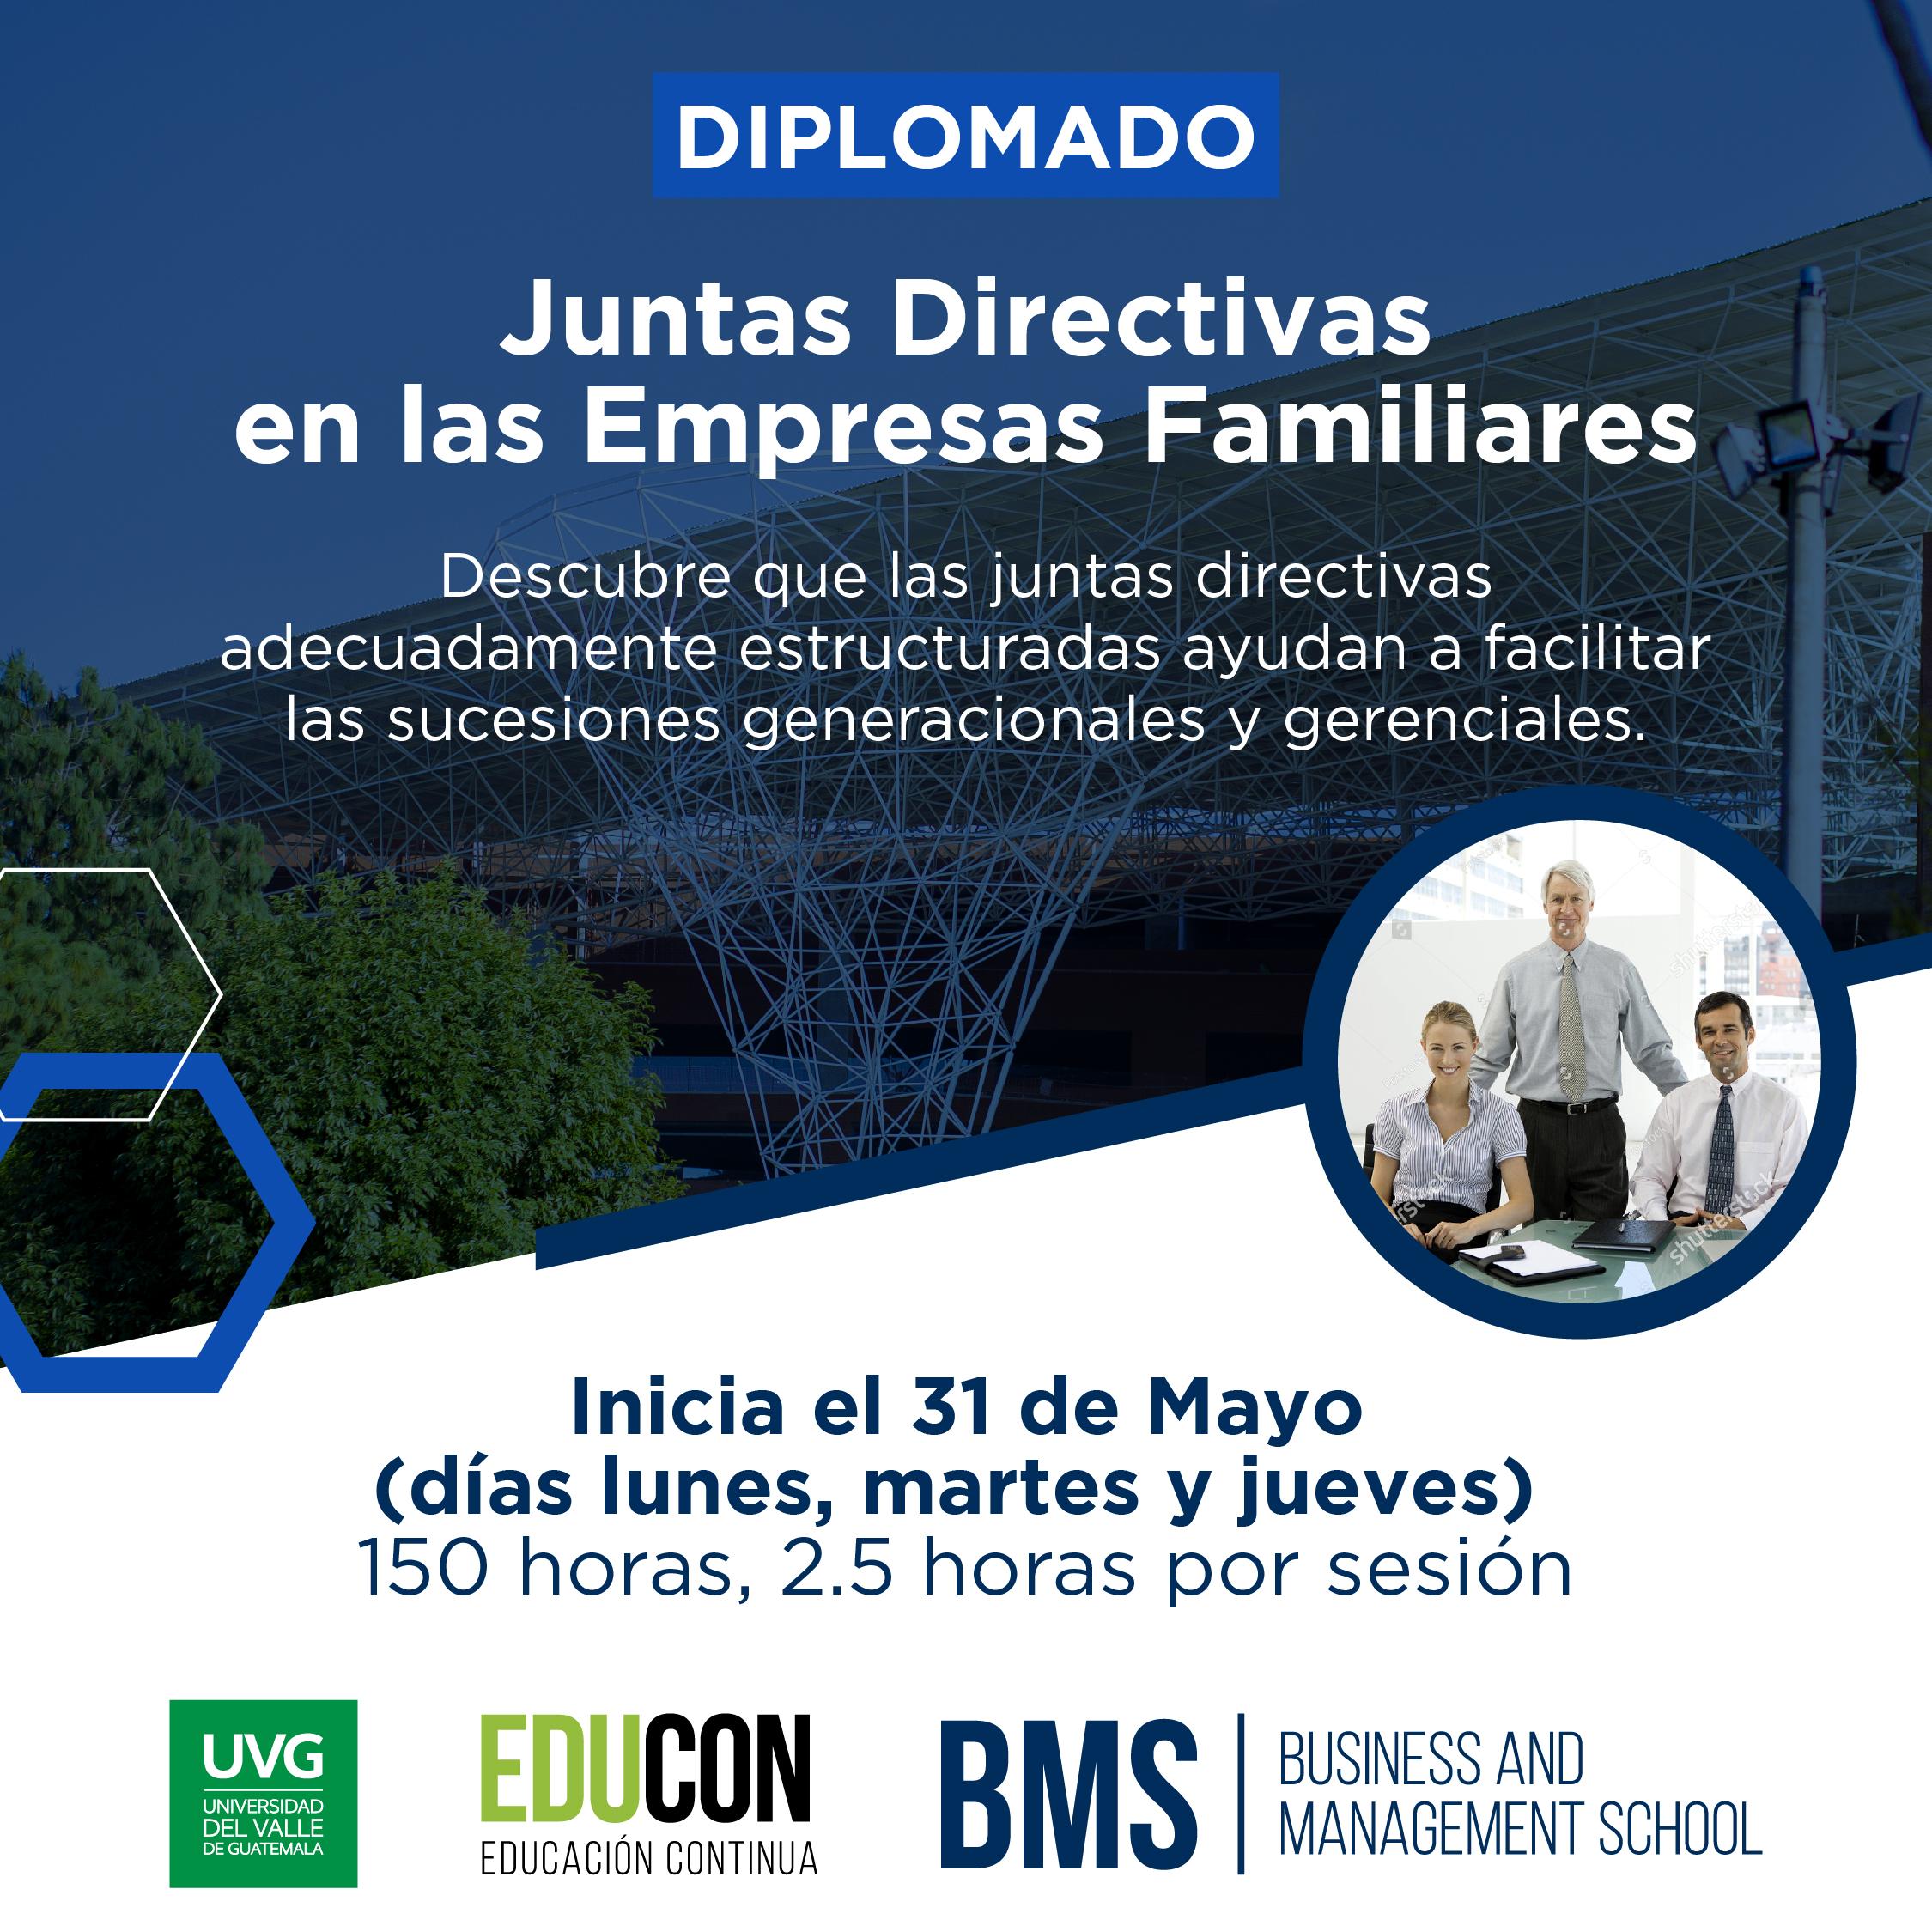 Diplomado - Juntas Directivas en las Empresas Familiares